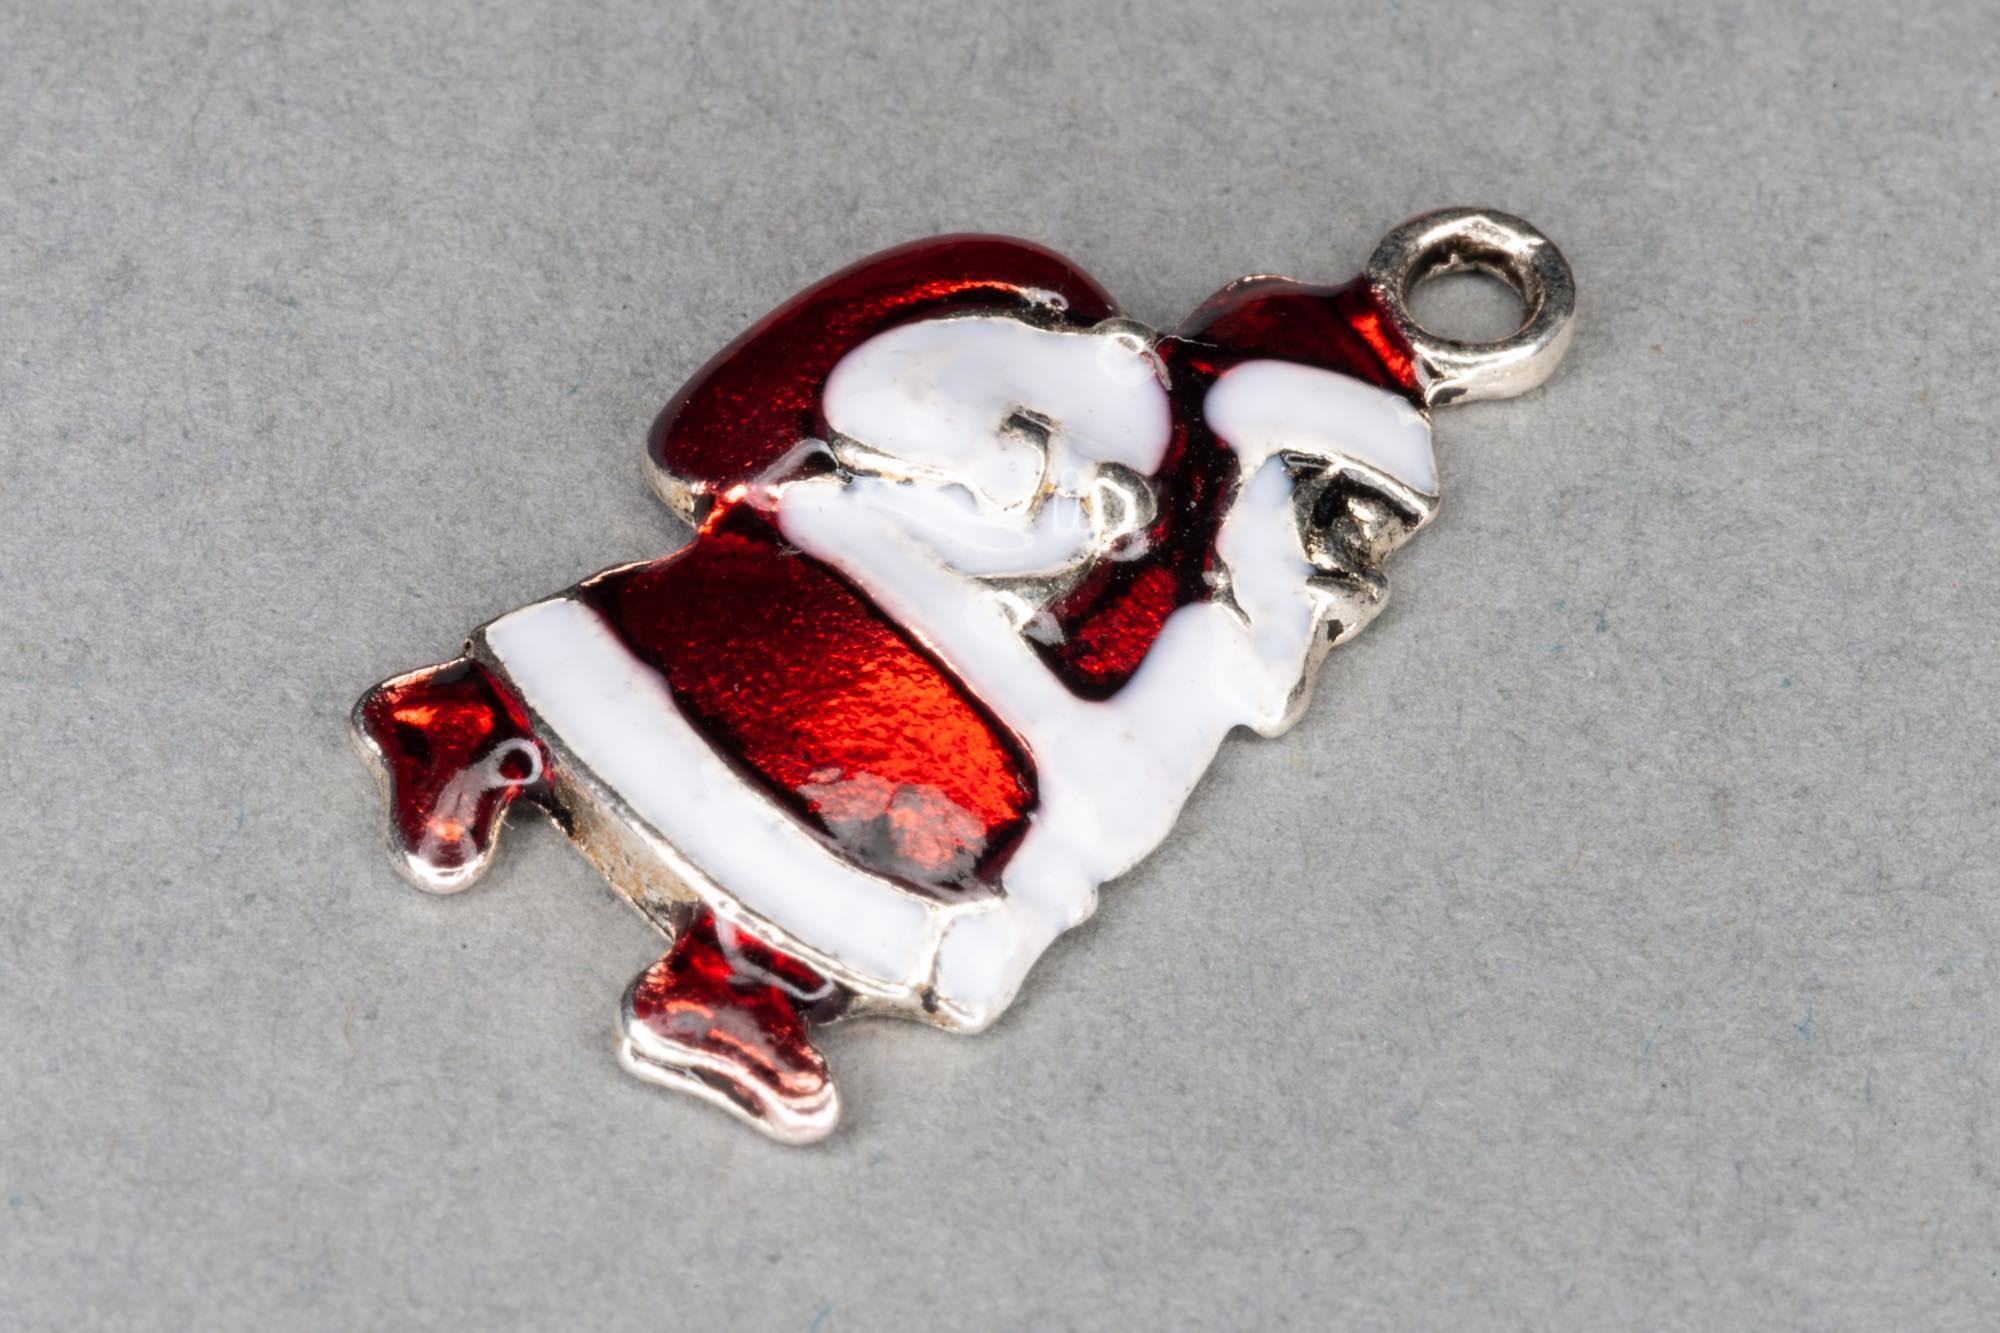 Enamel Santa Claus Charm 23x12mm